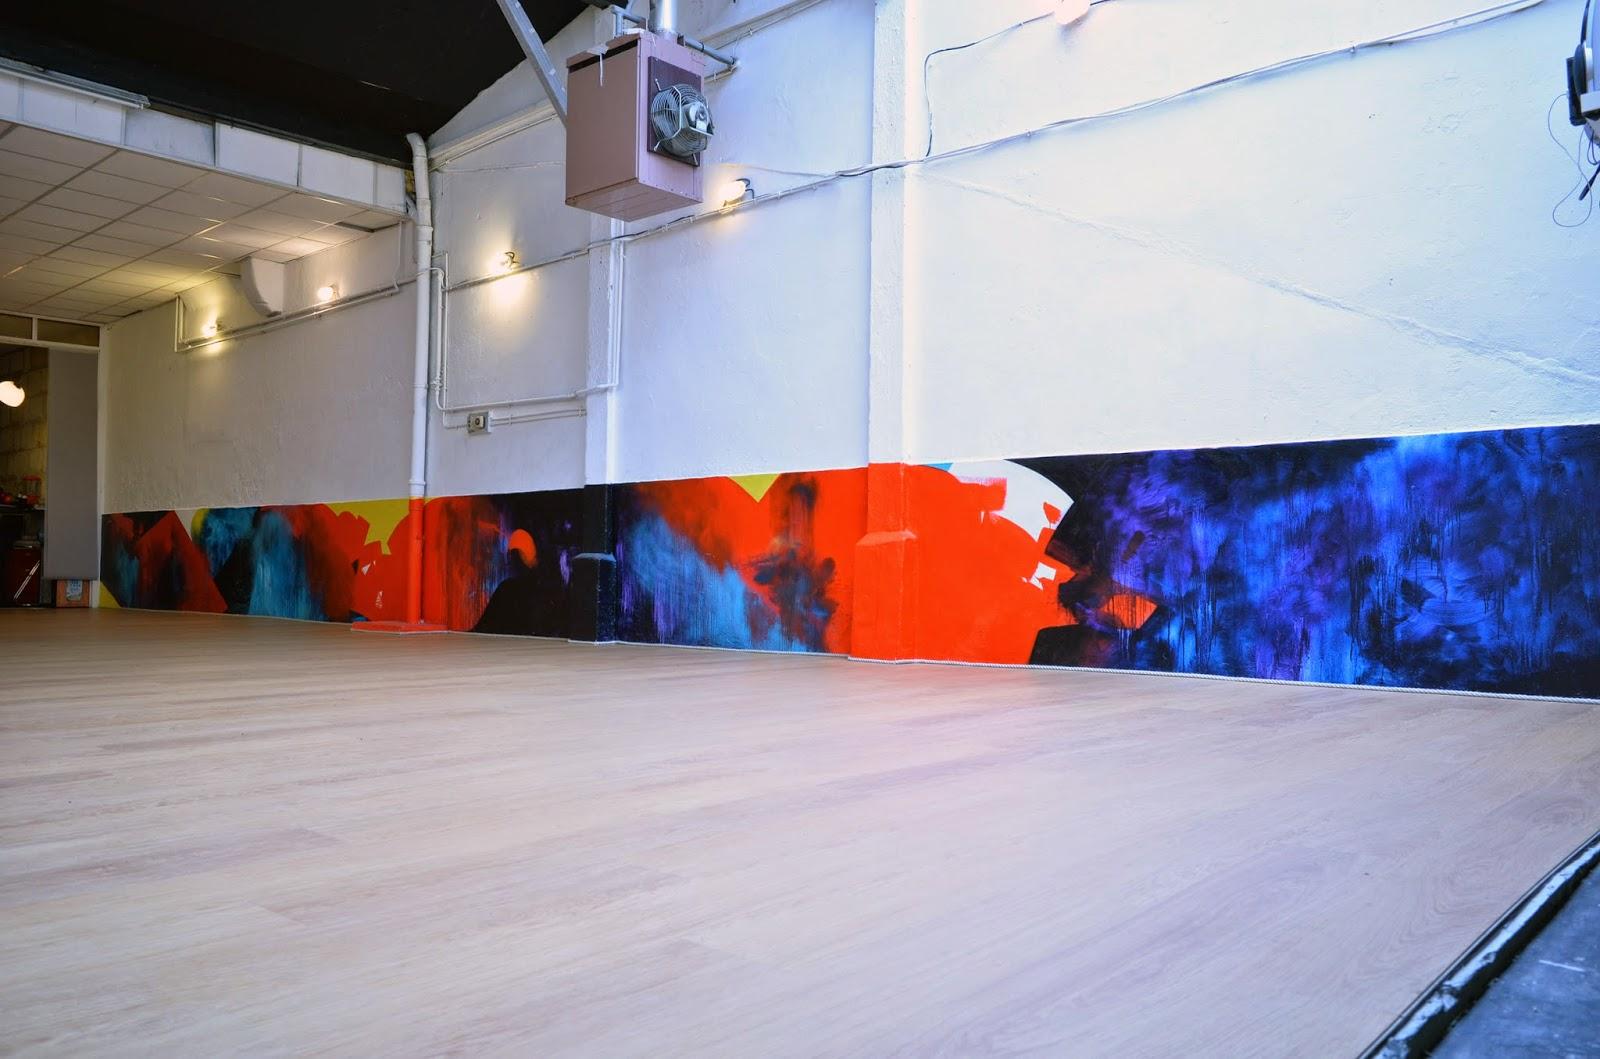 peinture acrylique abstraite jbb salle de danse